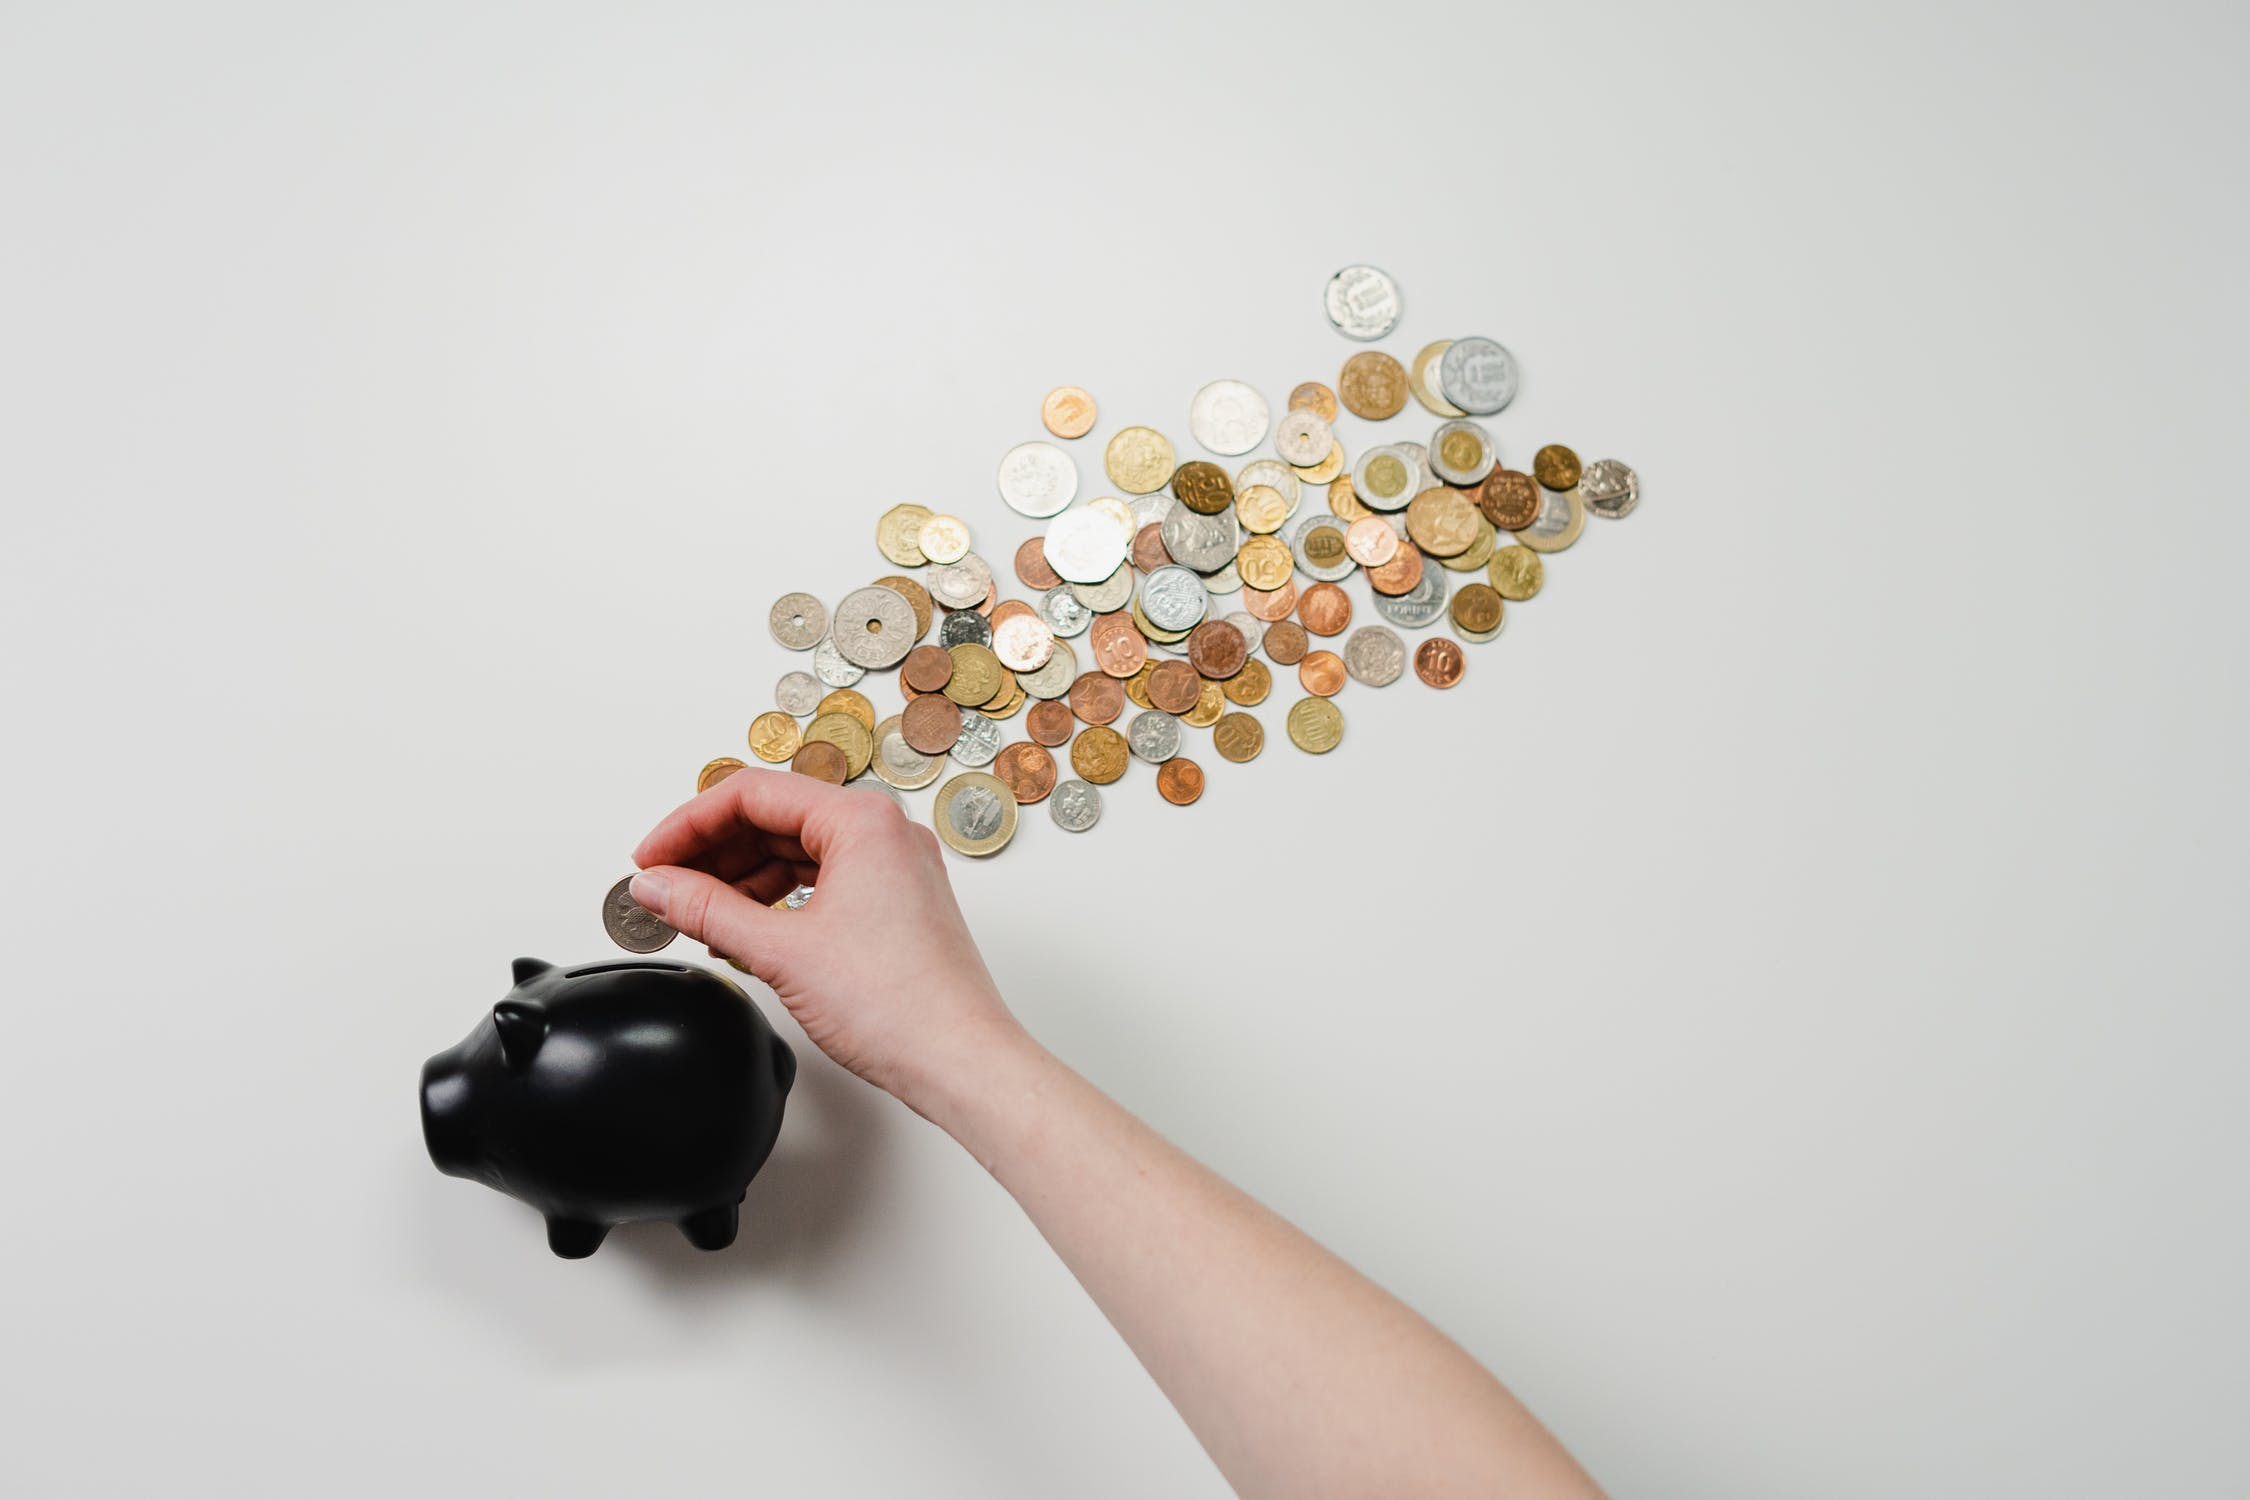 Opsparing